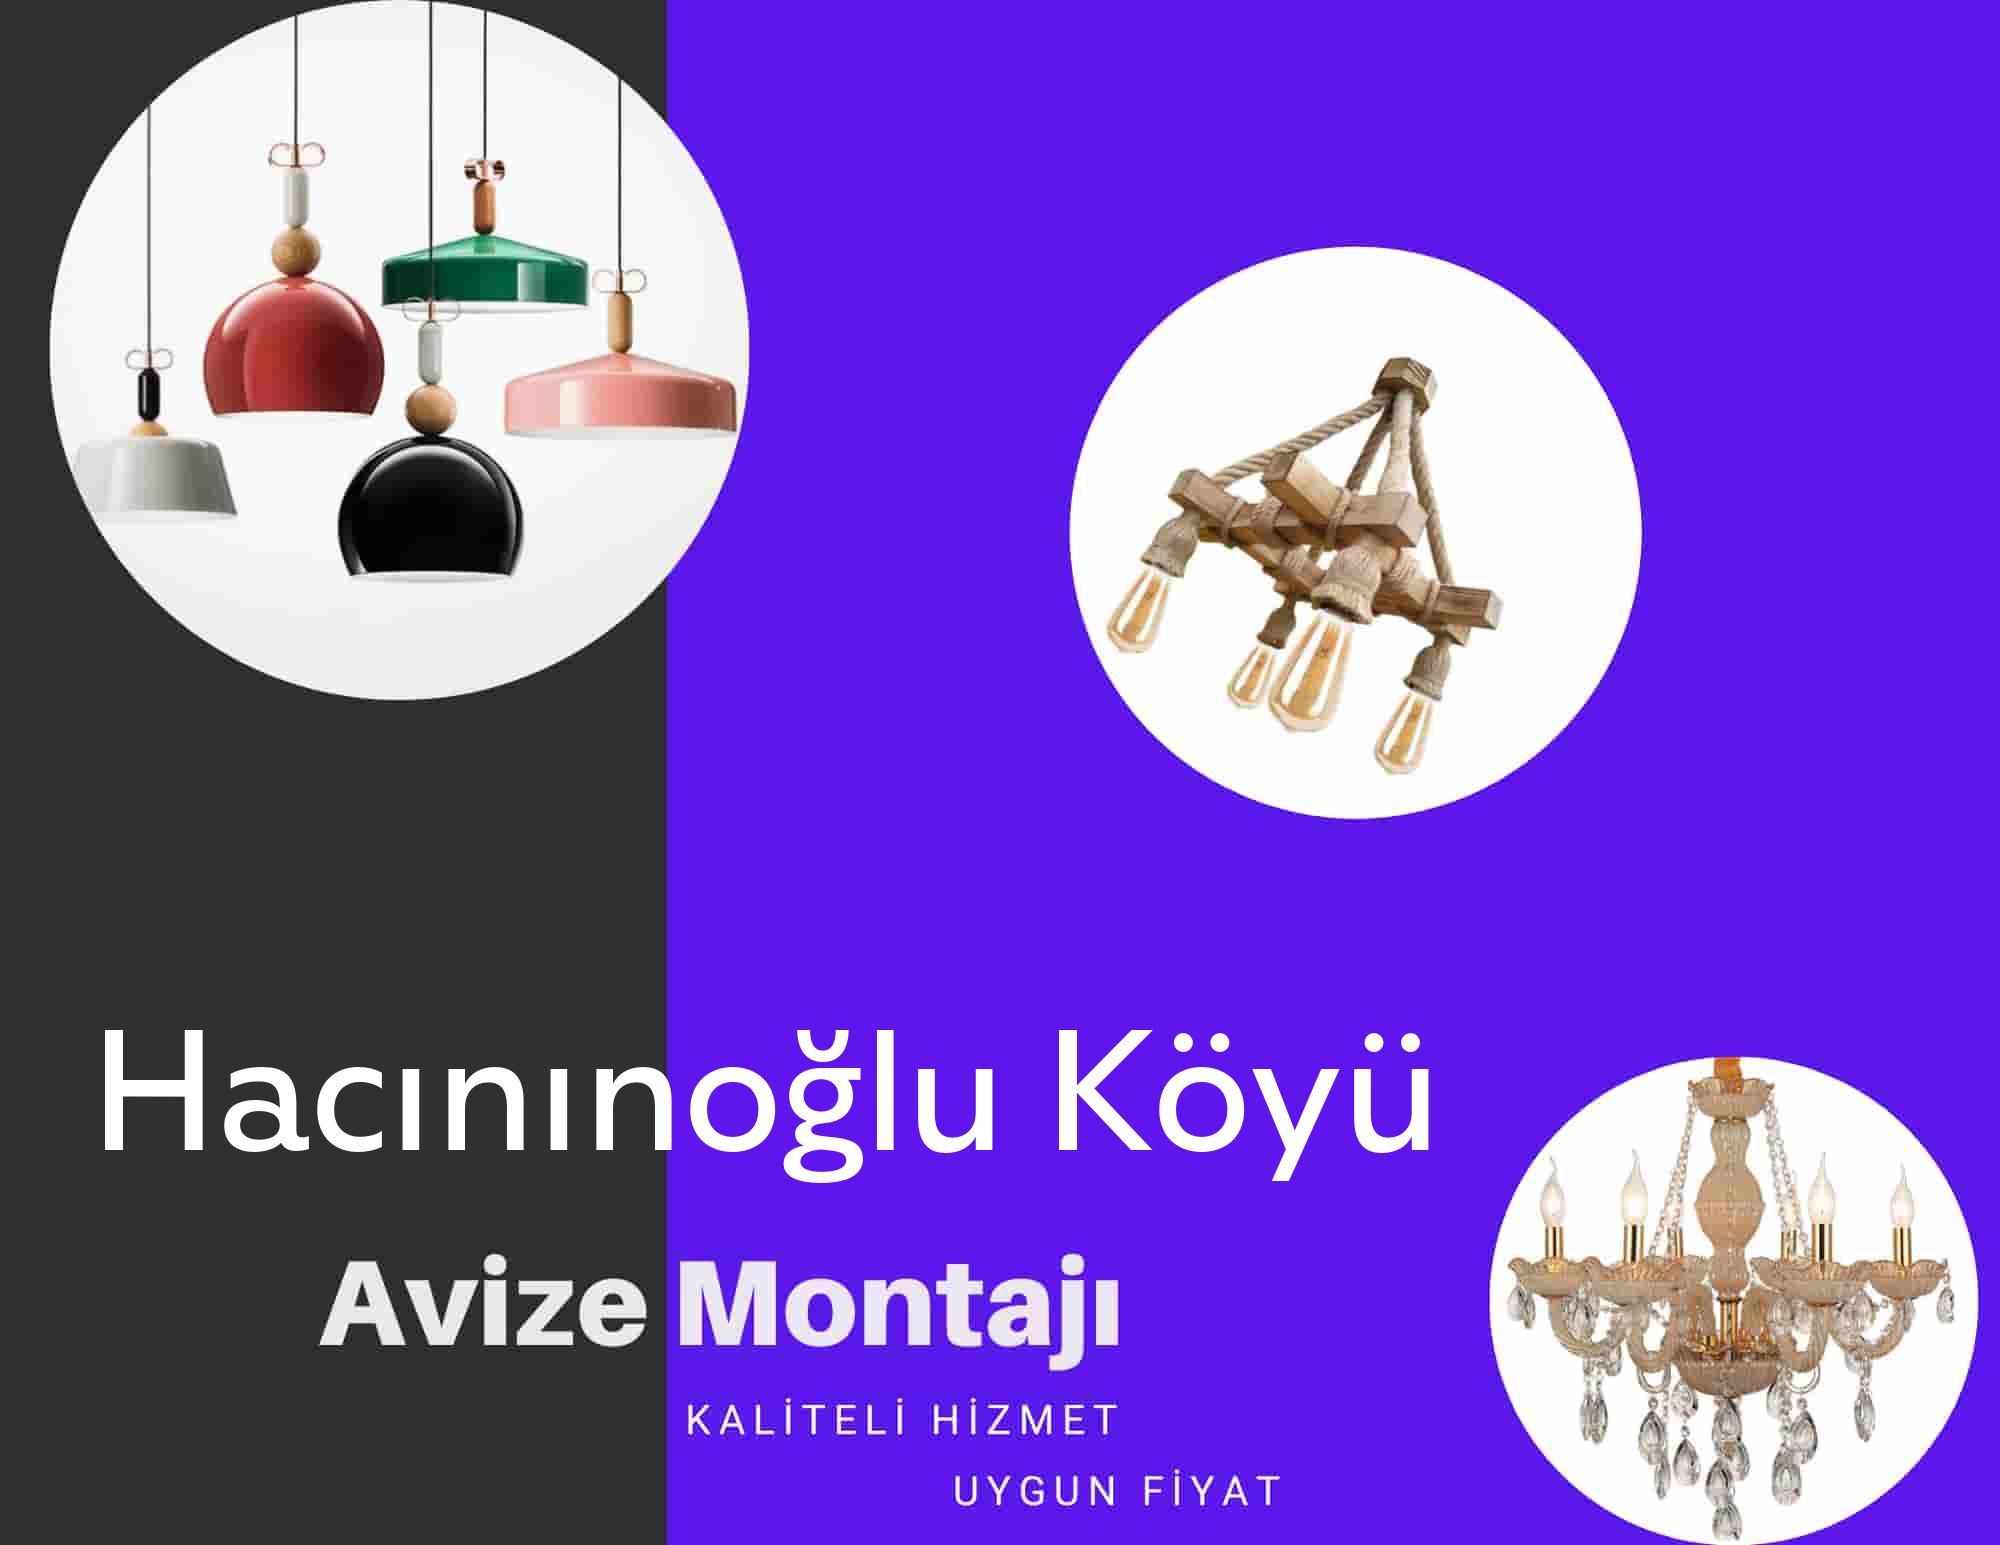 Hacınınoğlu Köyüde avize montajı yapan yerler arıyorsanız elektrikcicagir anında size profesyonel avize montajı ustasını yönlendirir.